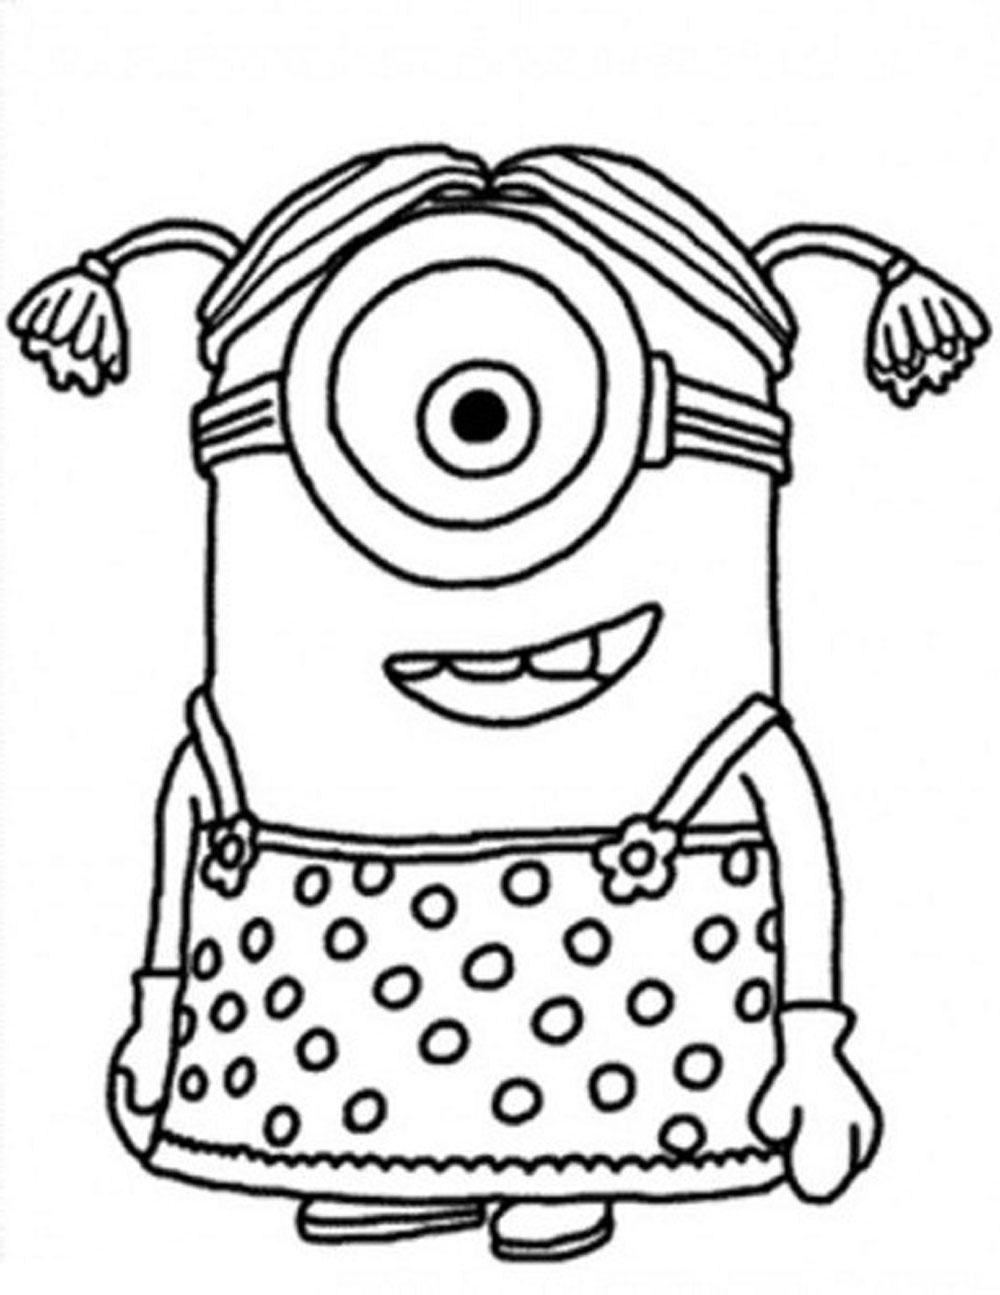 Im genes de minions para colorear dibujos de for Big girl coloring pages